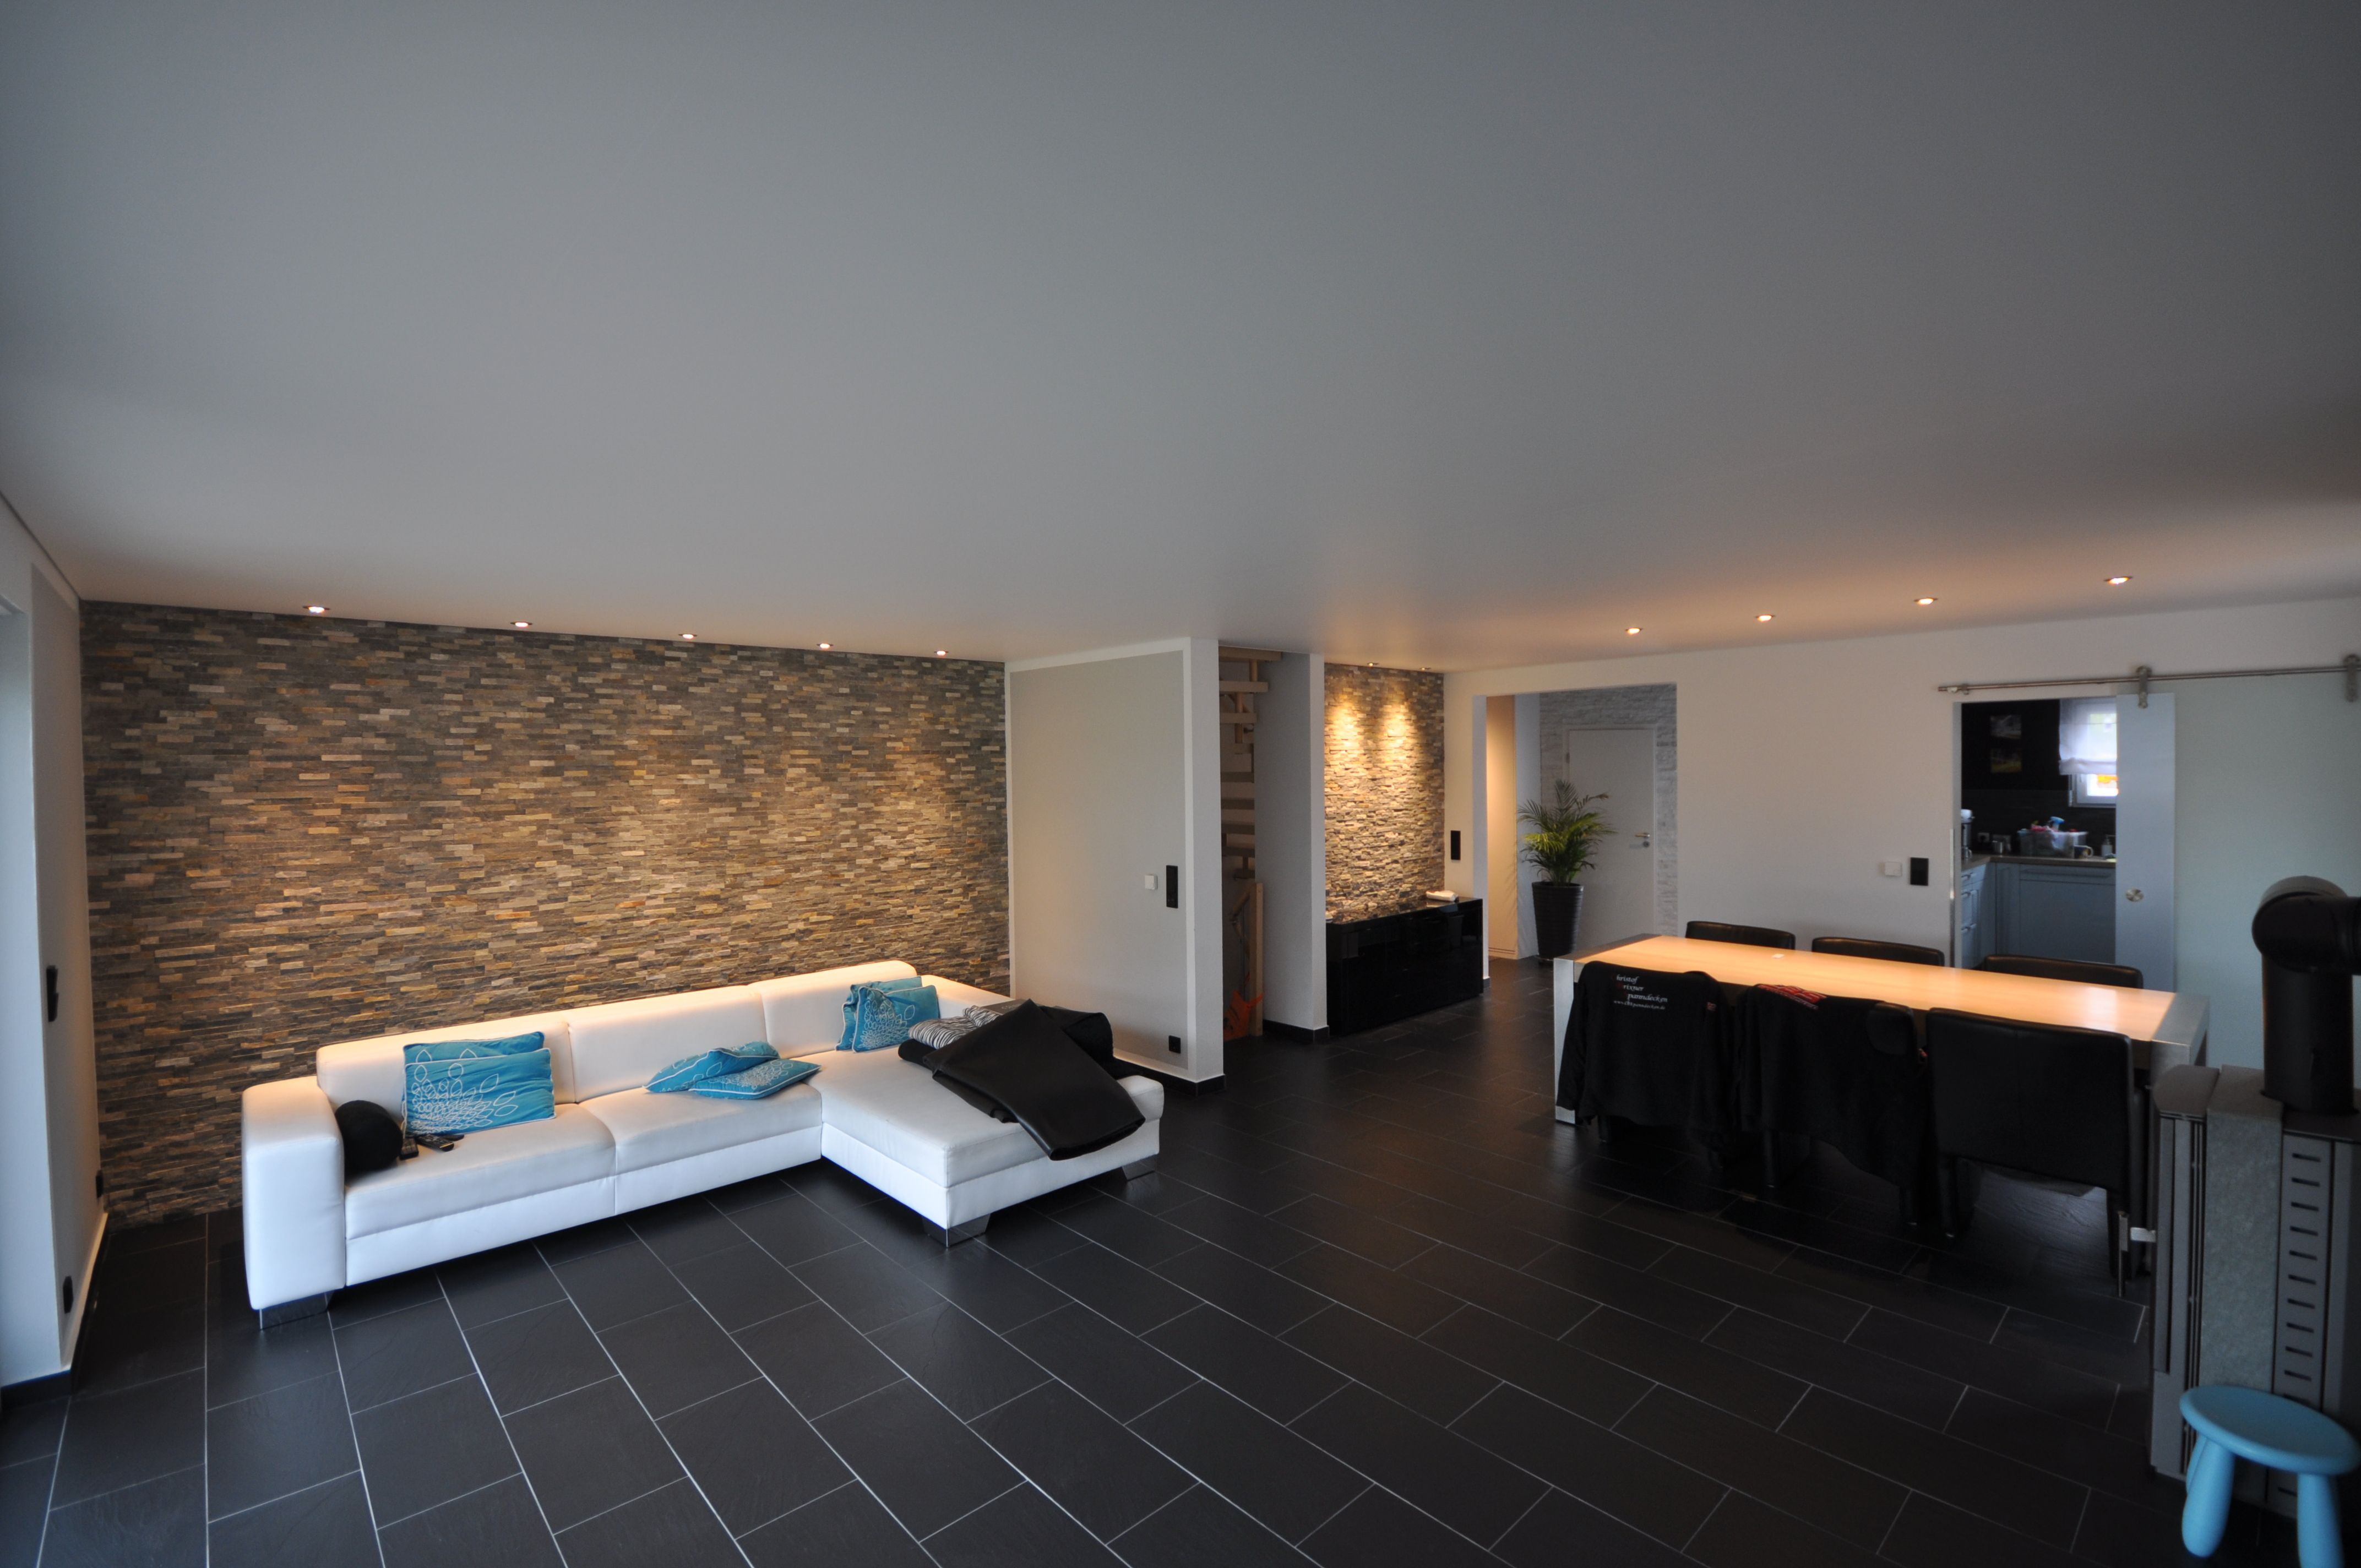 Wohnzimmer Renovieren ~ Wohnzimmer mit hochglanz spanndecke und led beleuchtung in der